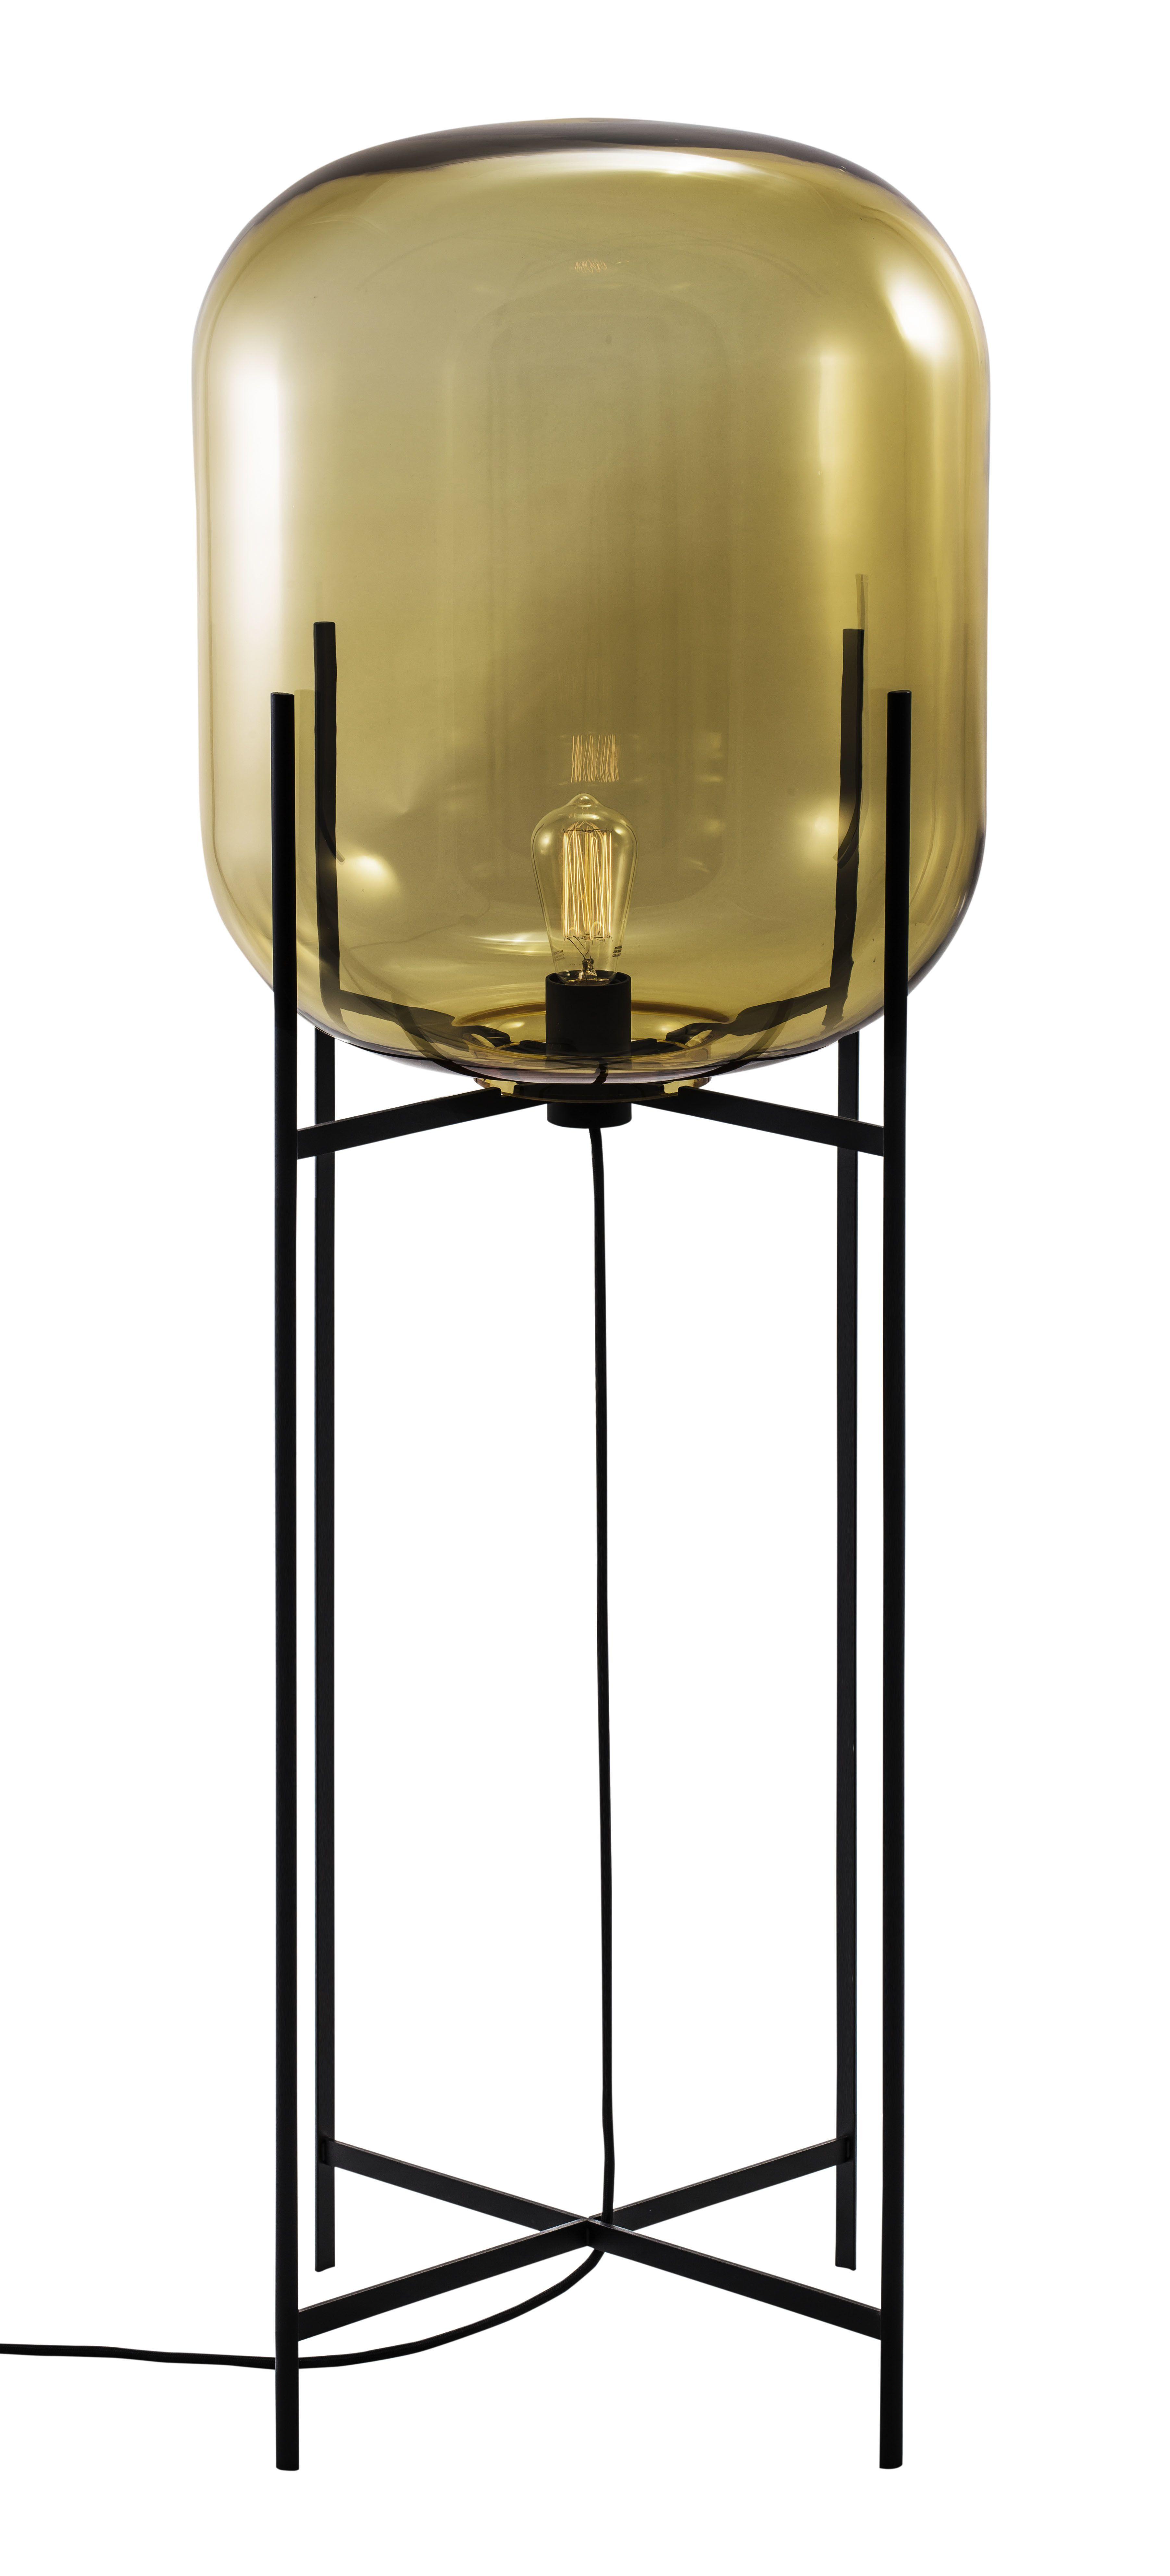 Floor lamp - Oda Big by Sebastian Herkner for pulpo - Materials ...